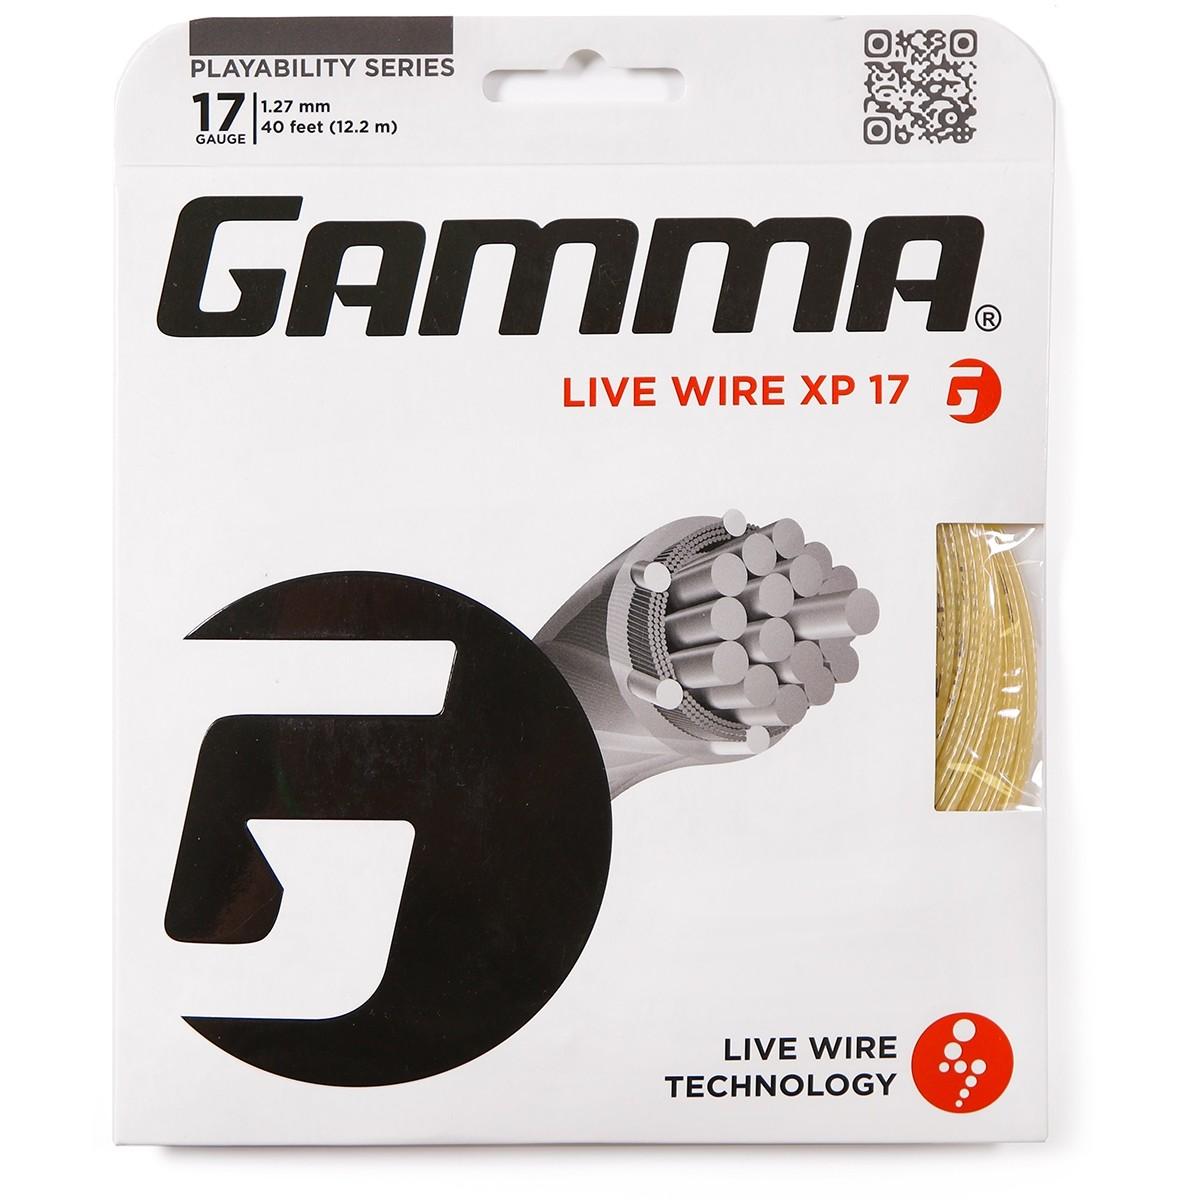 CORDAGE GAMMA LIVE WIRE XP 12.2M